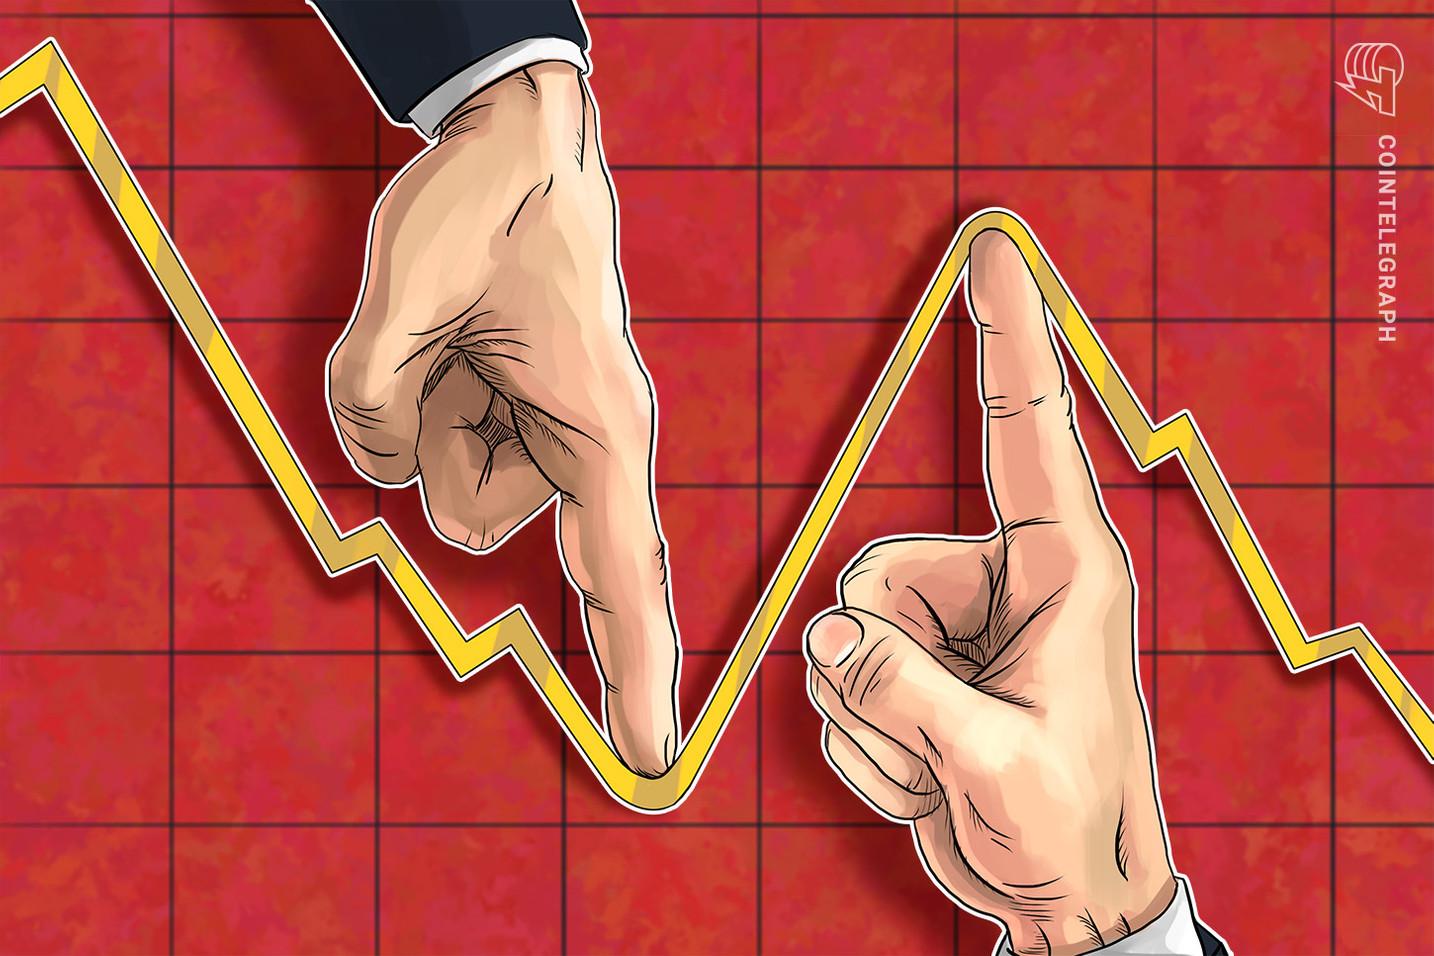 أسواق العملات المشفرة تشهد مؤشرات انخفاض بشكلٍ أساسي، وبيتكوين تحوم دون مستوى ٦٦٠٠ دولار